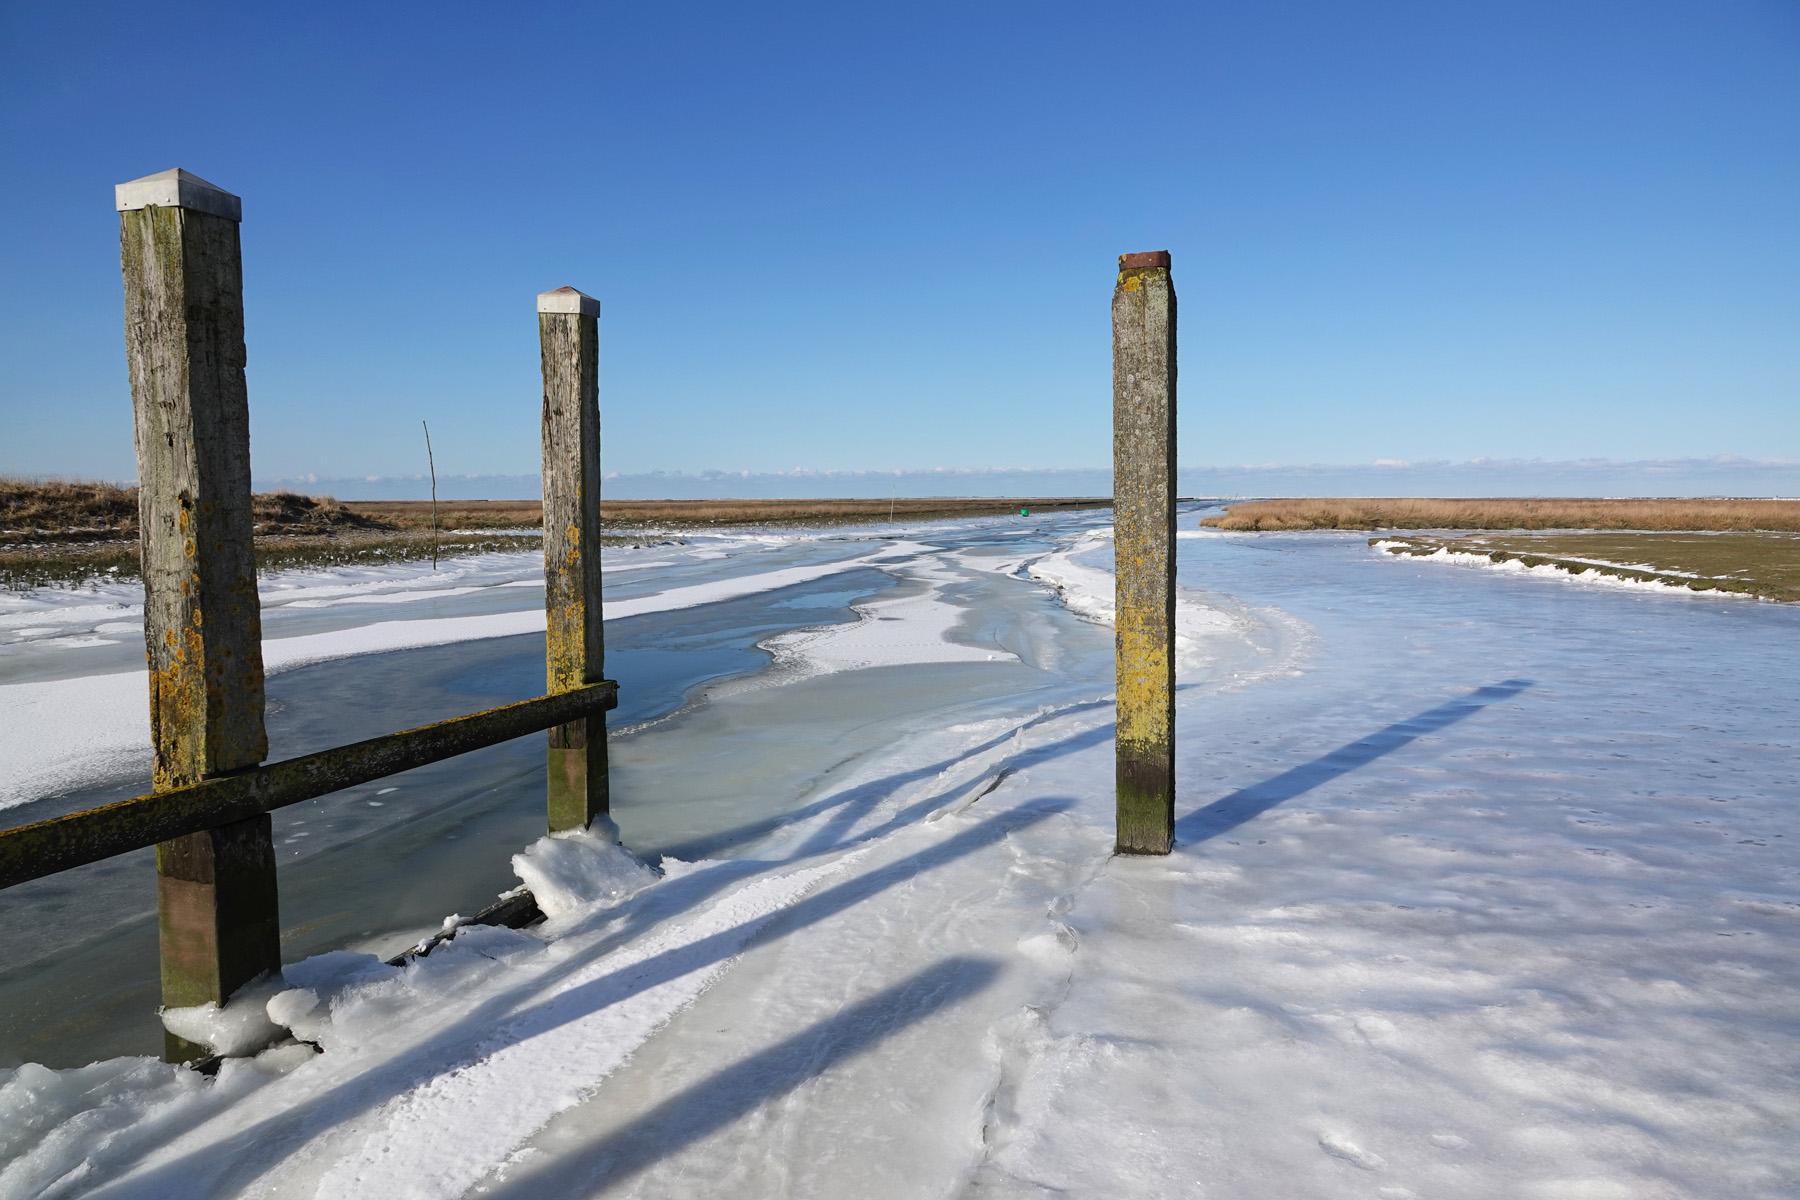 Bevroren haven Noordpolderzijl (Waddenzee)